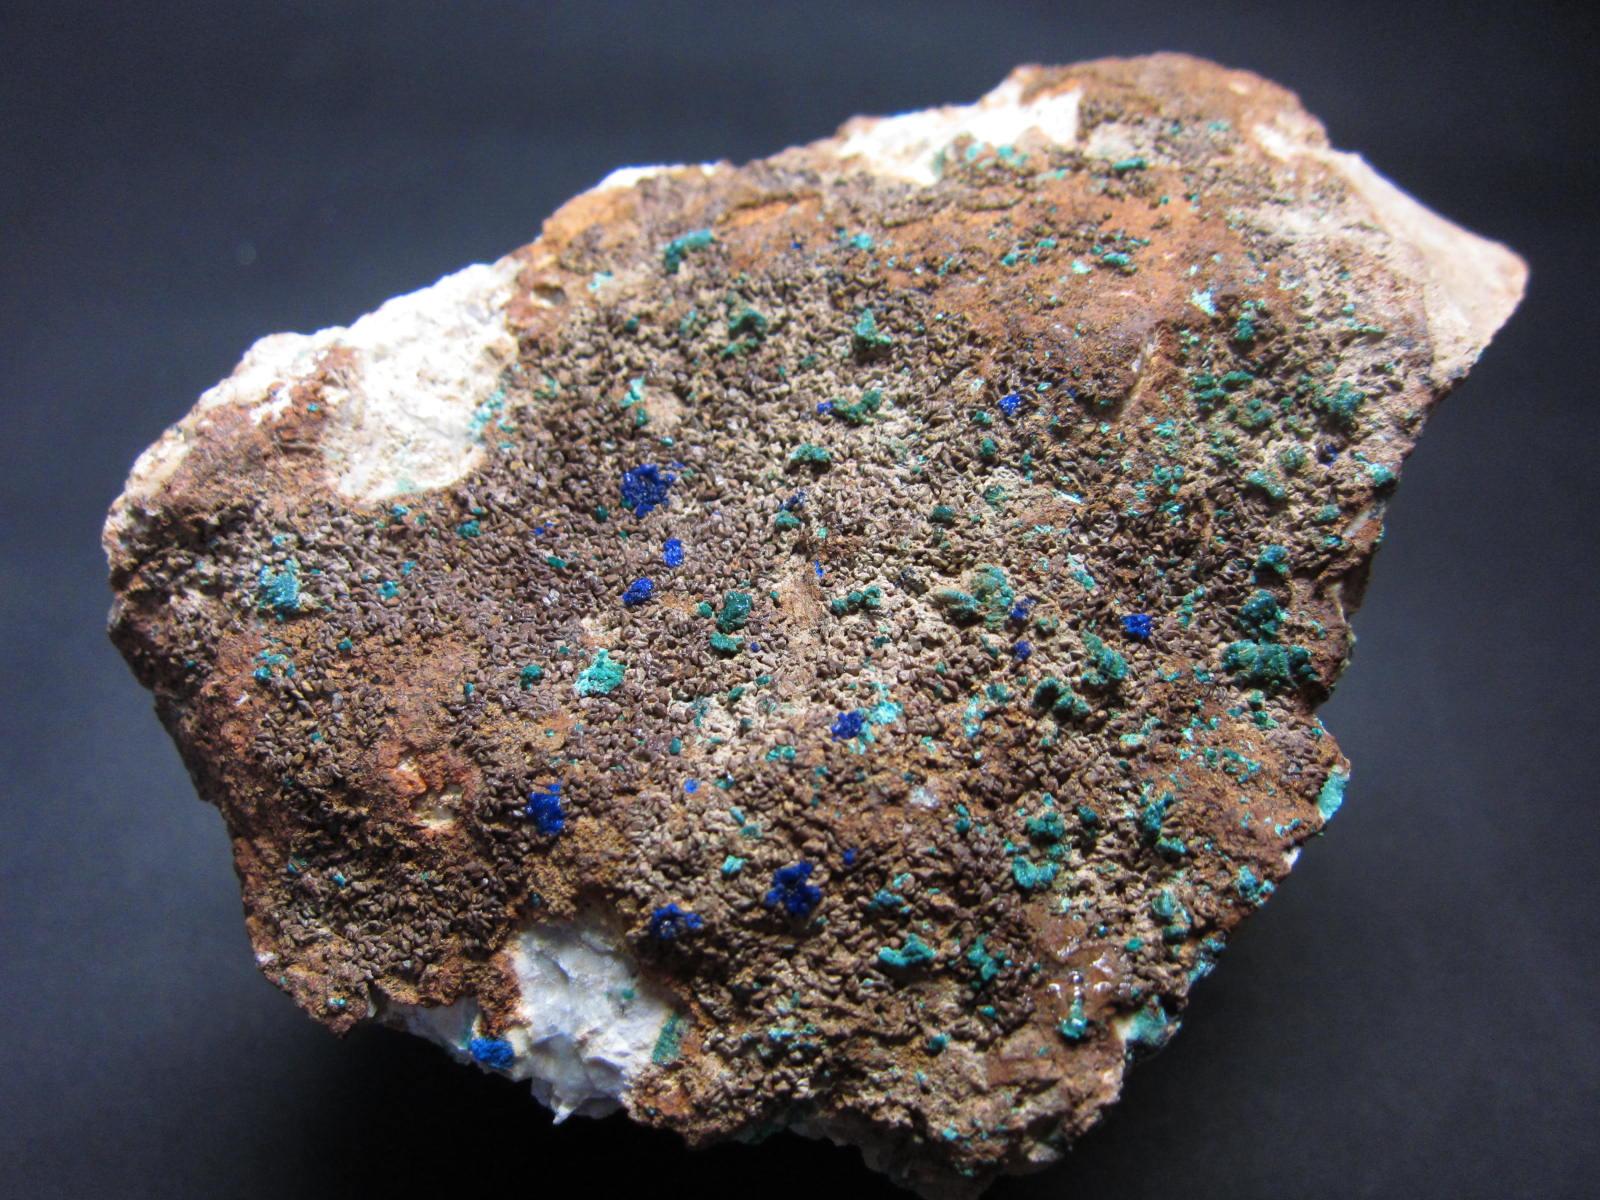 Azurite藍銅鉱